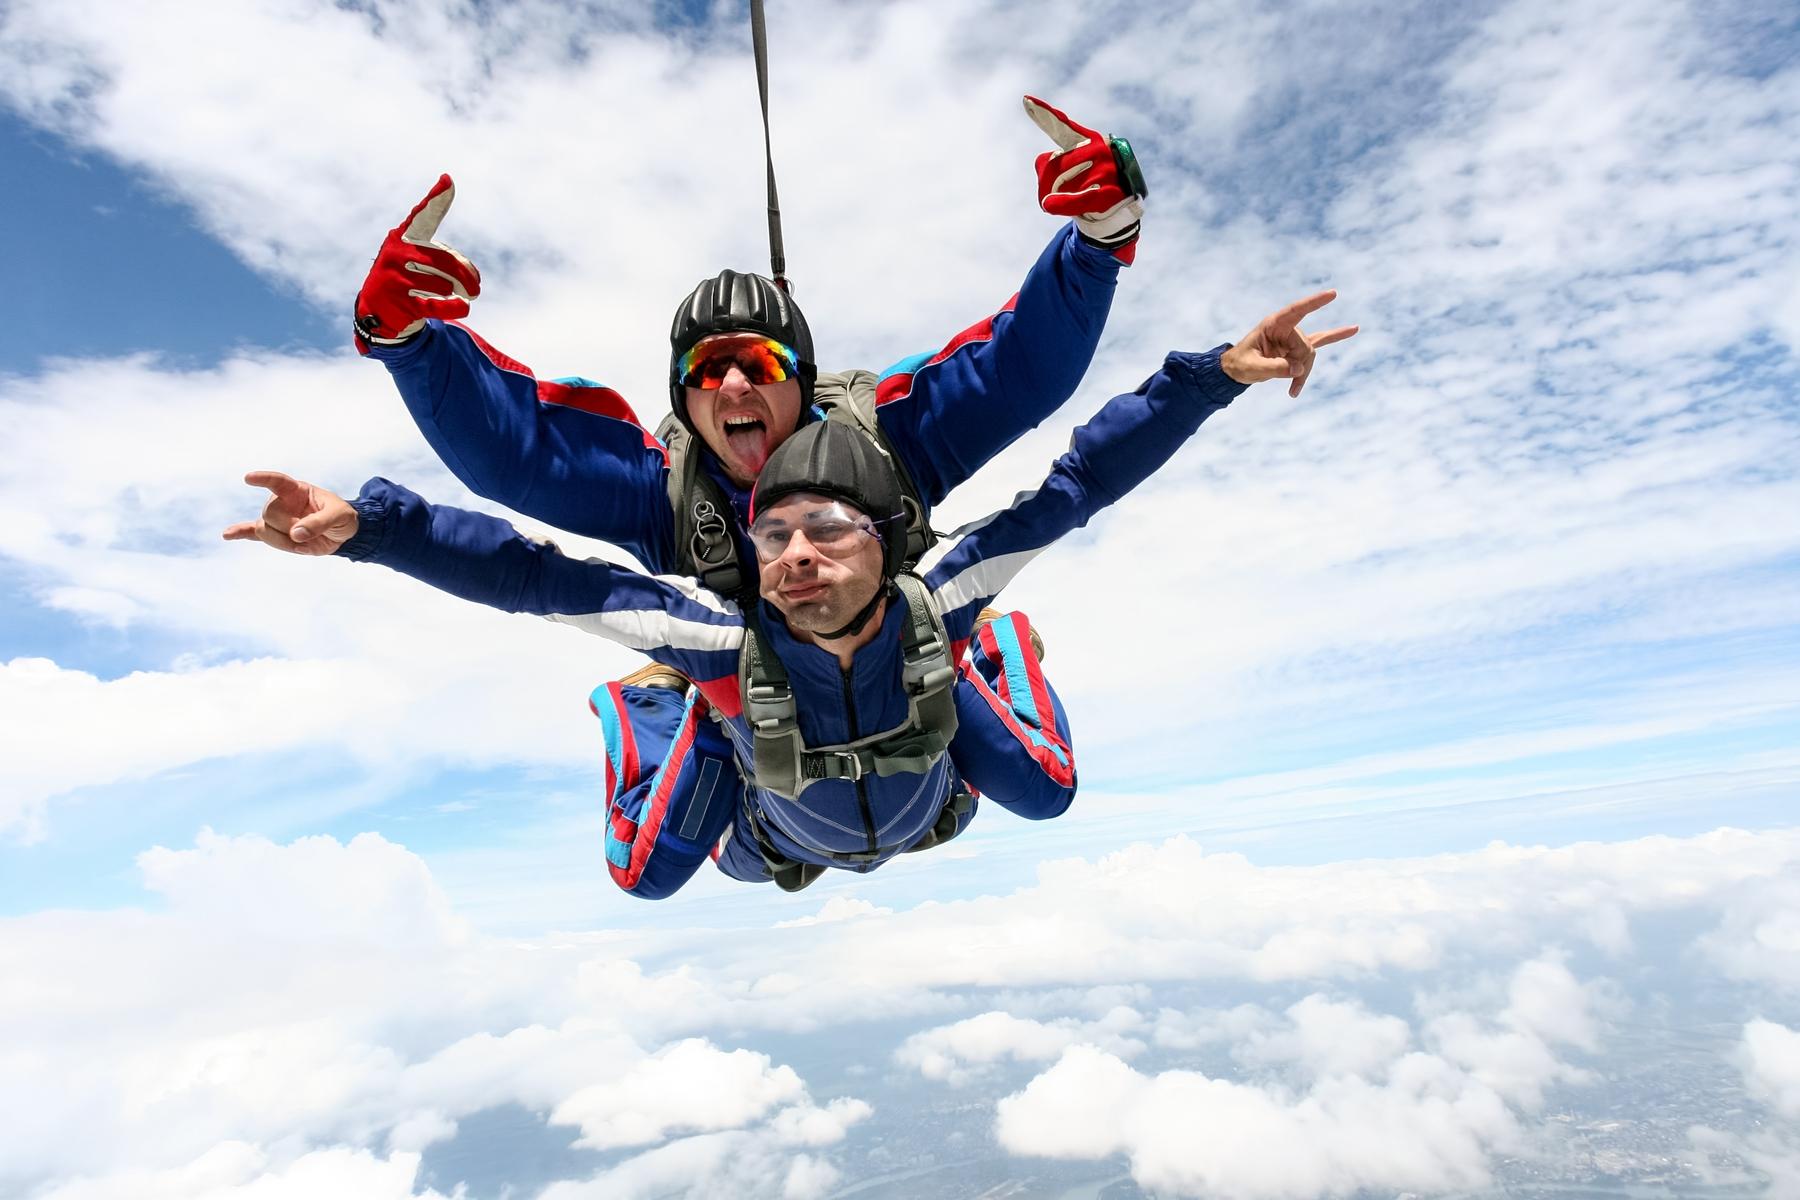 Saltar de paraquedas em Boituva é puro turismo de aventura!